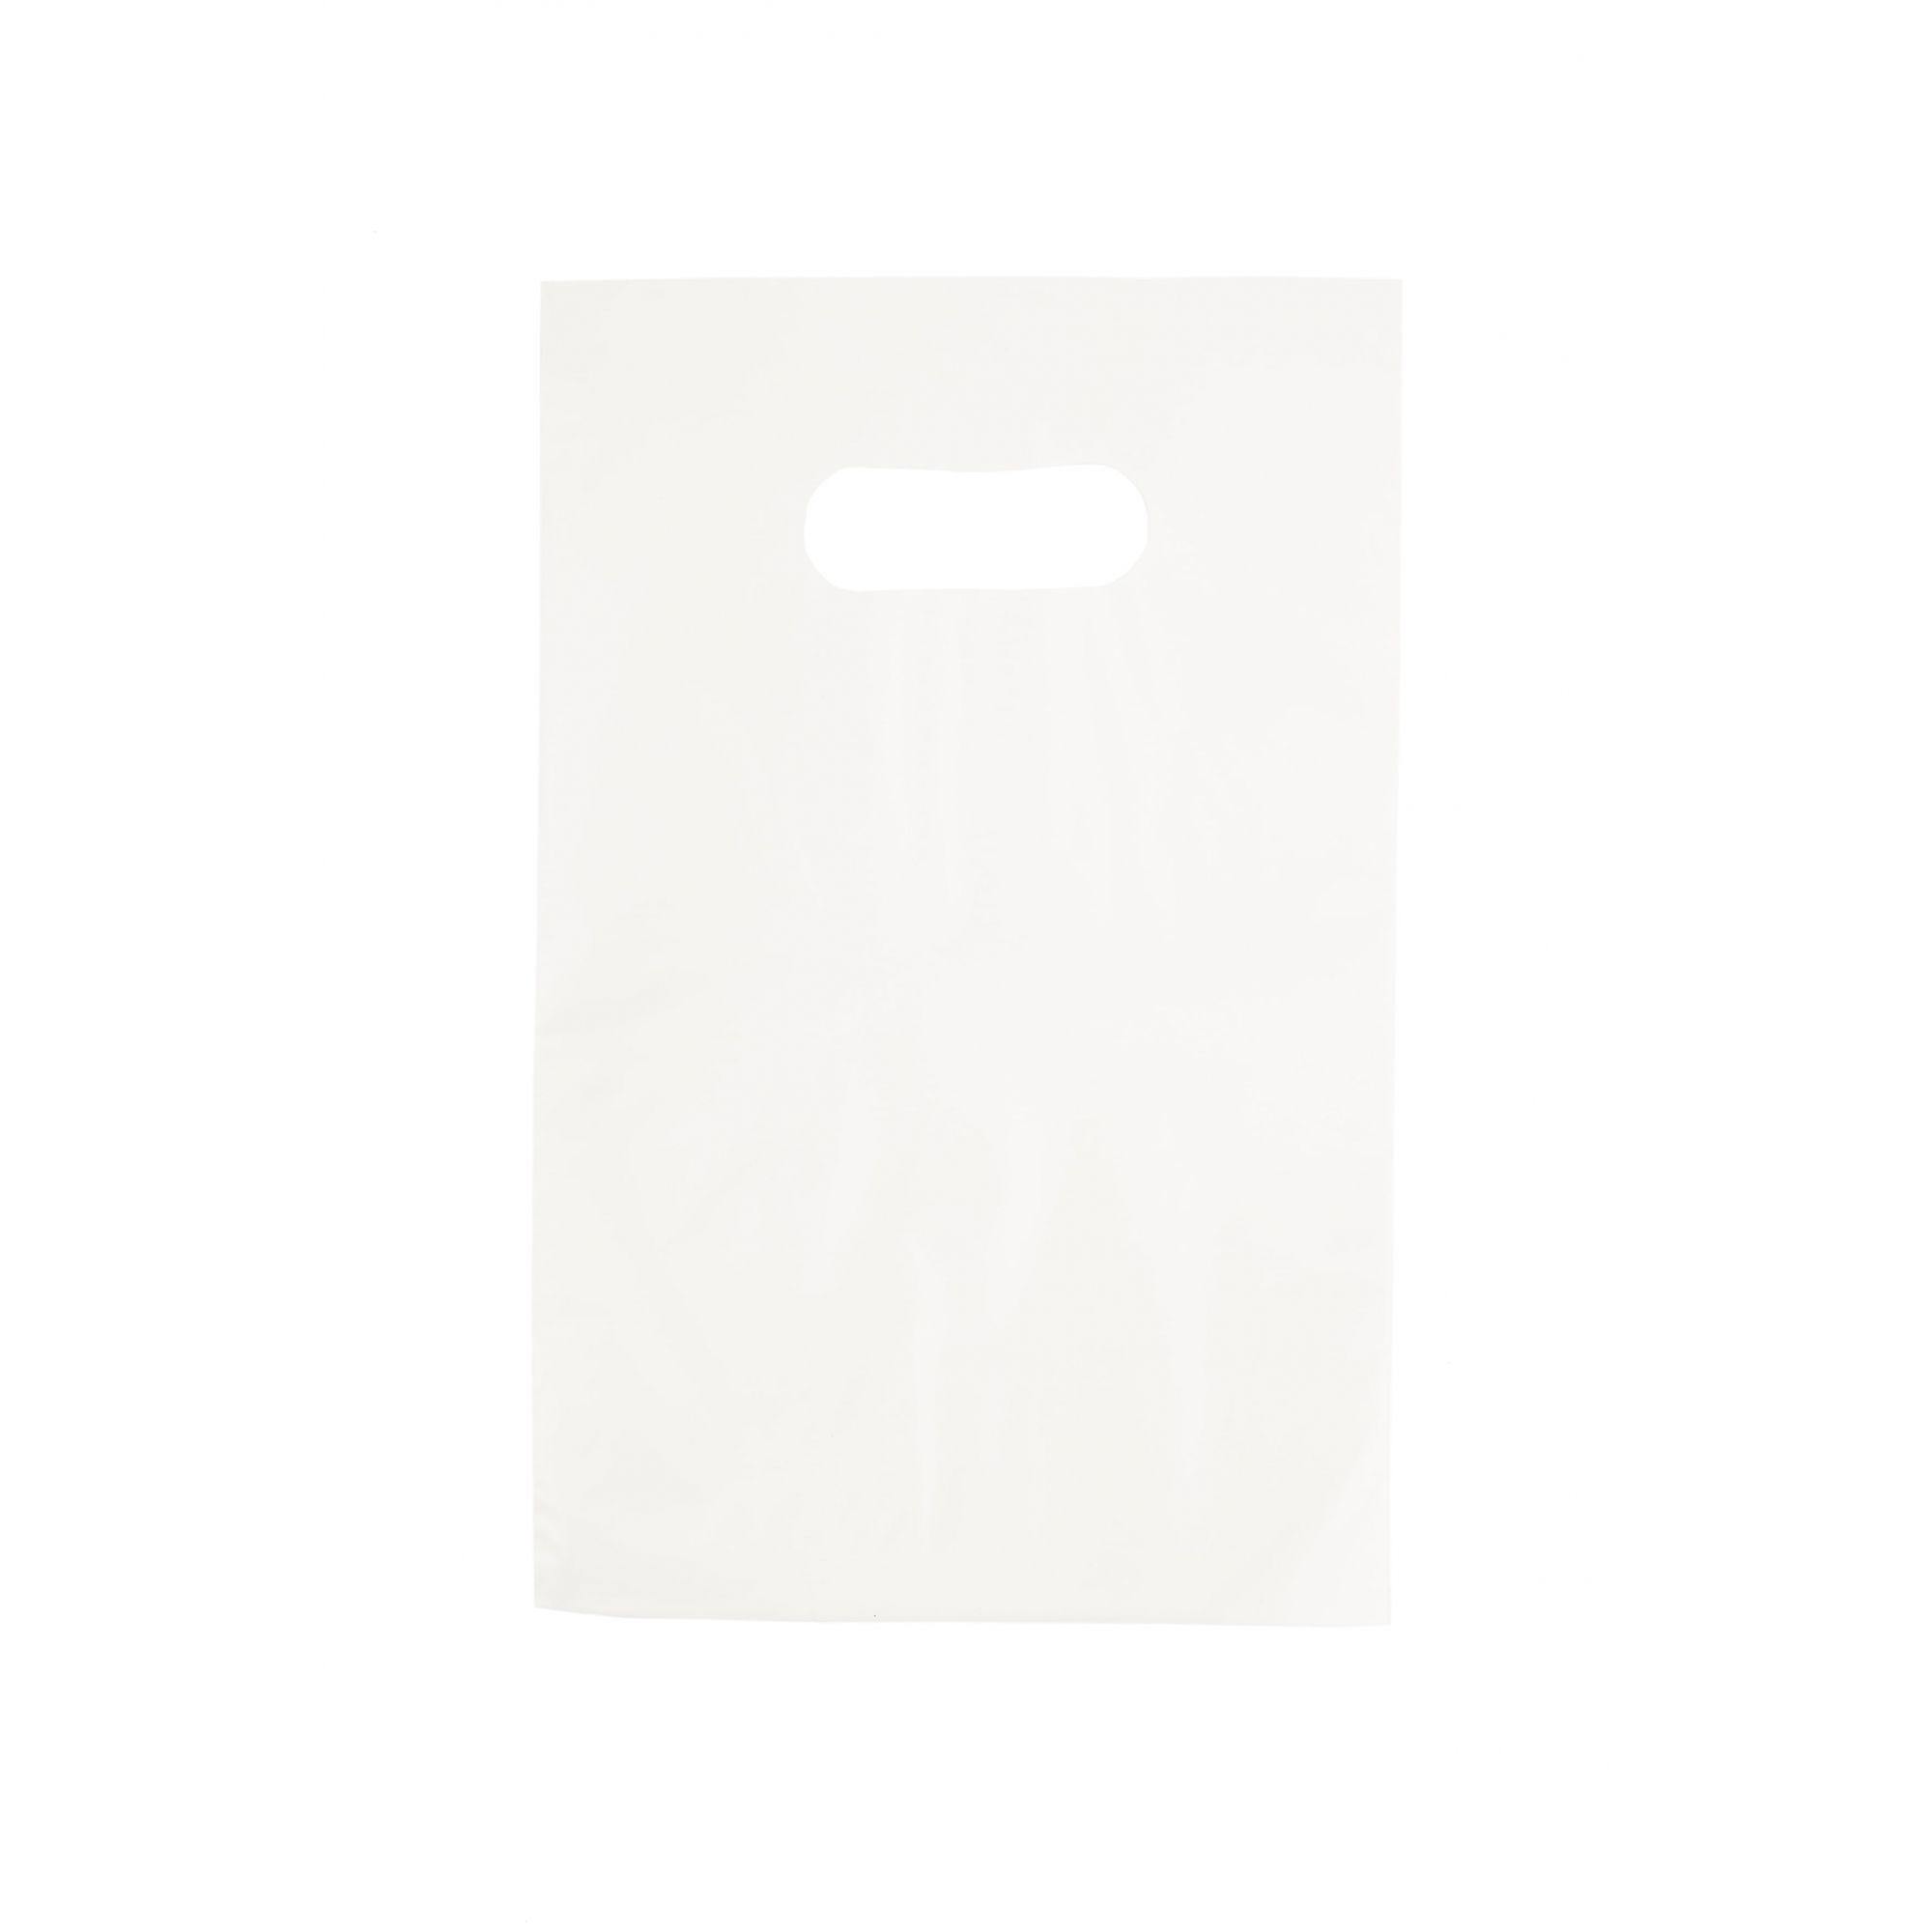 Sacola Plástica 20x30 Branca - Alça Boca de Palhaço